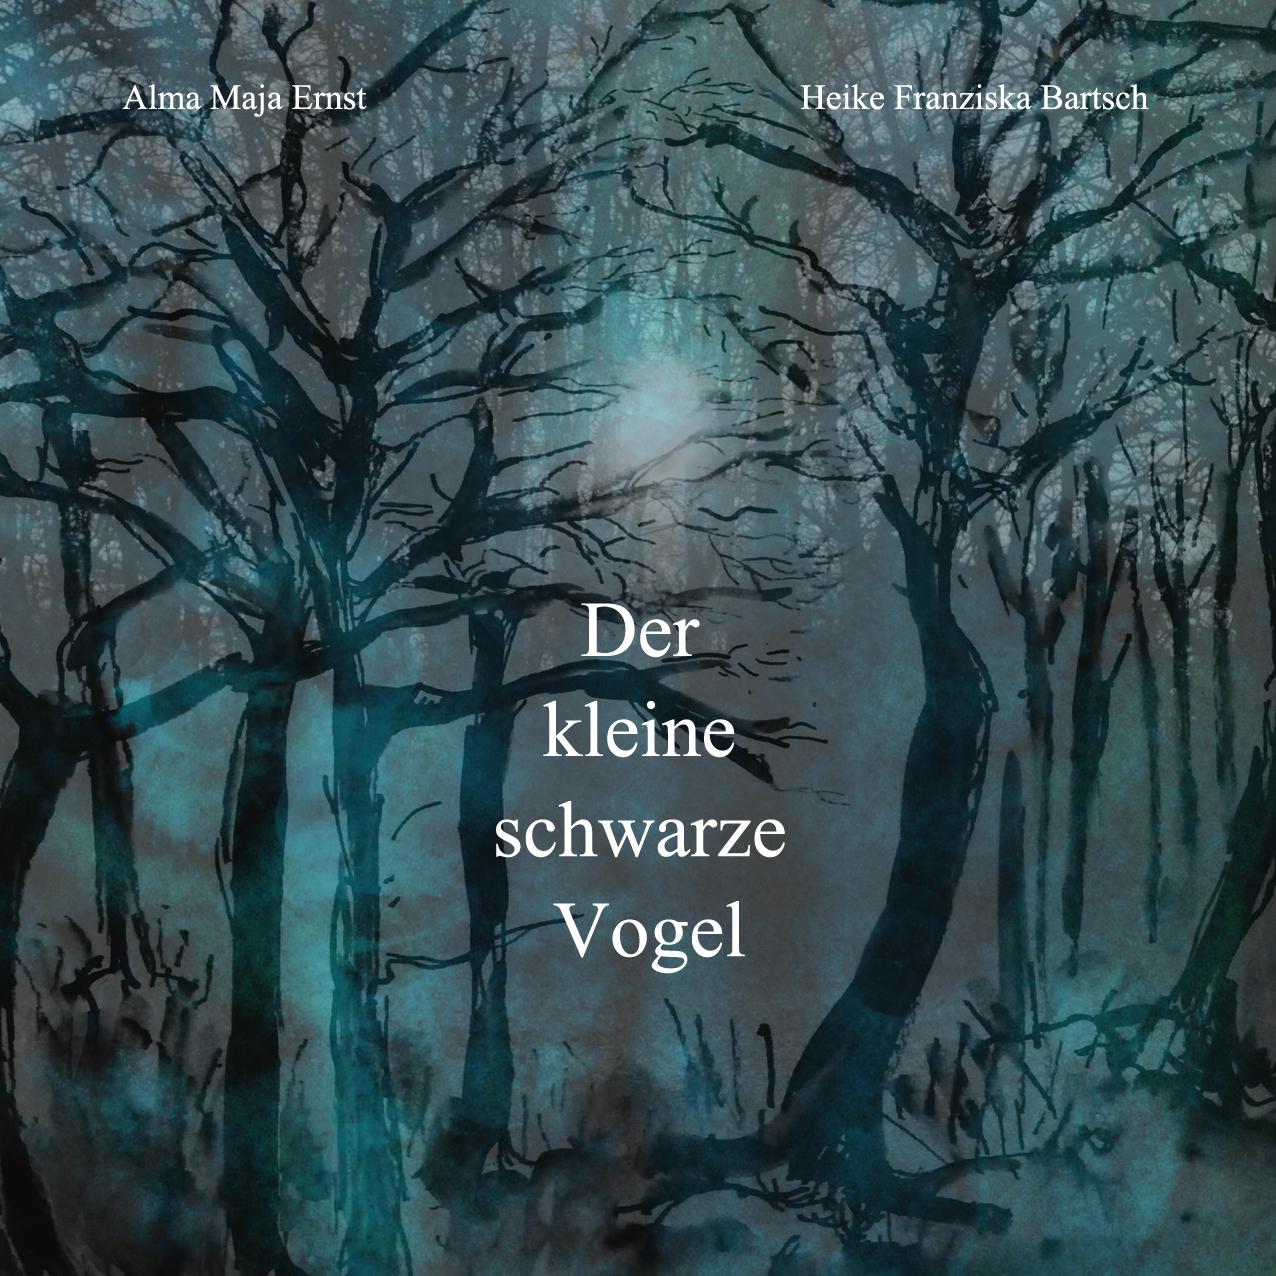 heike-franziska-bartsch-illustrationen-zum-buch_der-kleine-schwarze-vogel_von-alma-maja-ernst